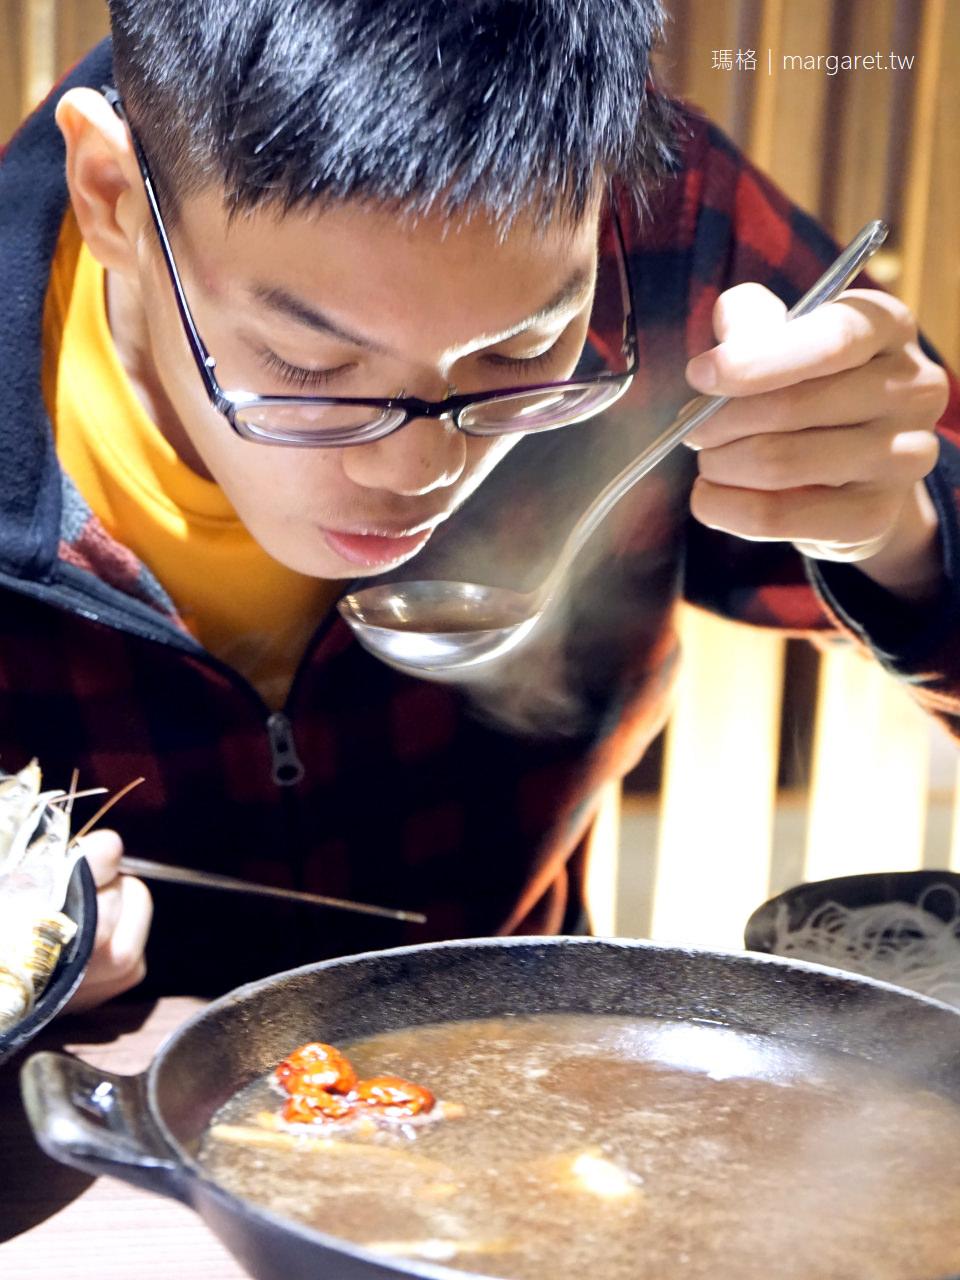 打狗霸冬季限定火鍋上市|一個人也可吃的酸菜白肉鍋,溫補藥膳海陸鍋暖心暖胃 @瑪格。圖寫生活